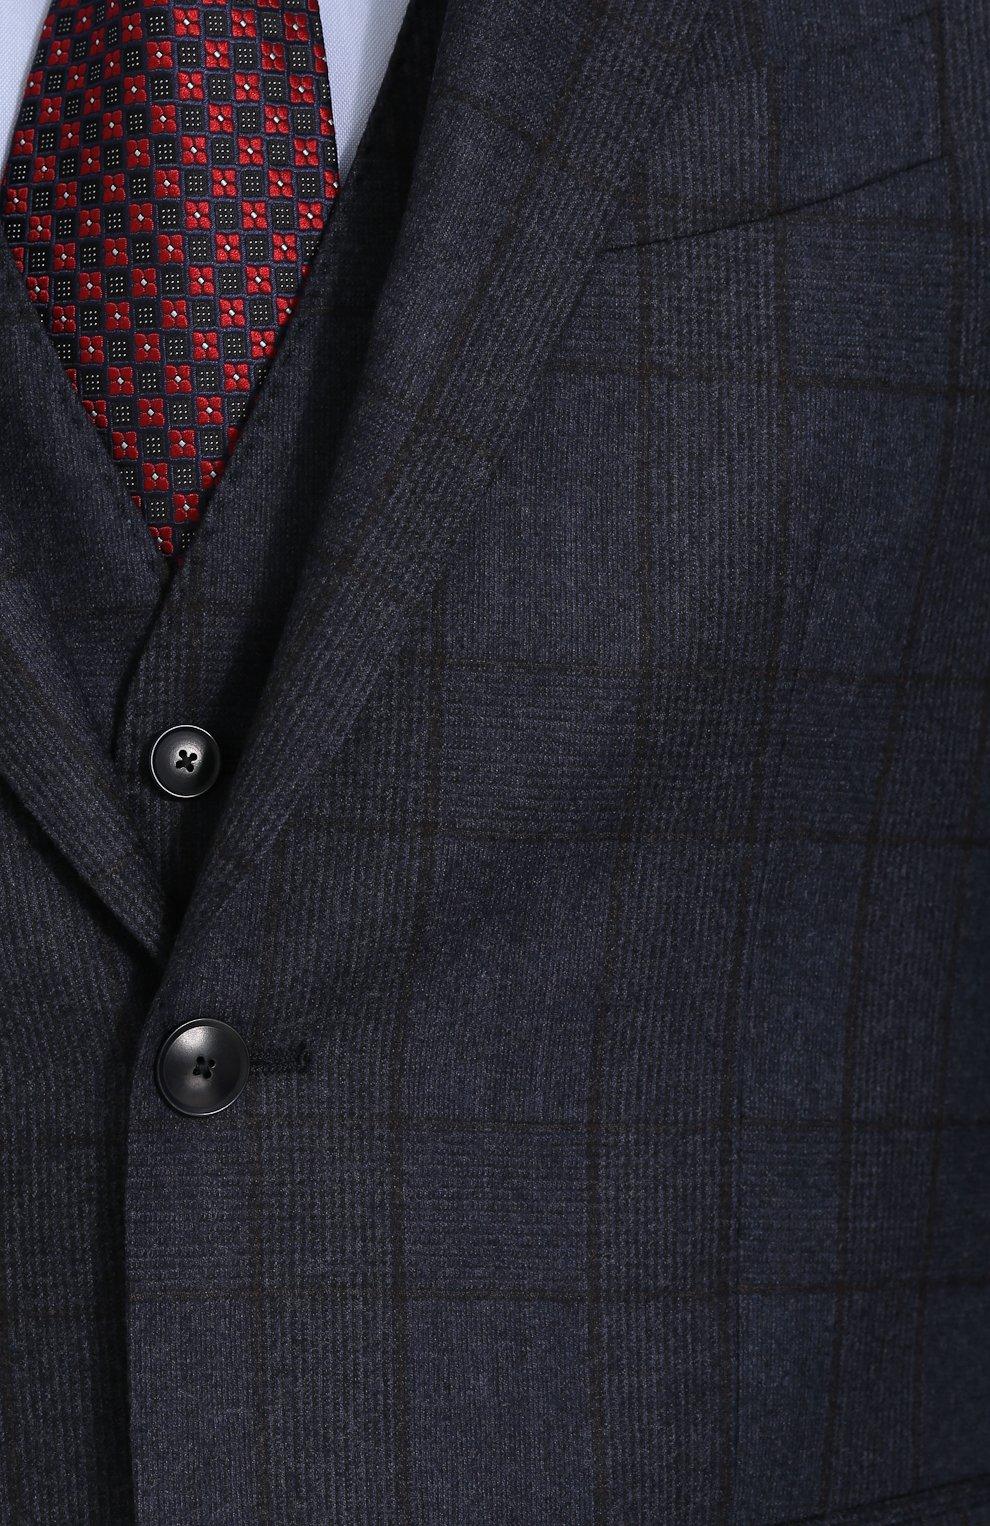 Шерстяной костюм-тройка в клетку с пиджаком на двух пуговицах   Фото №8